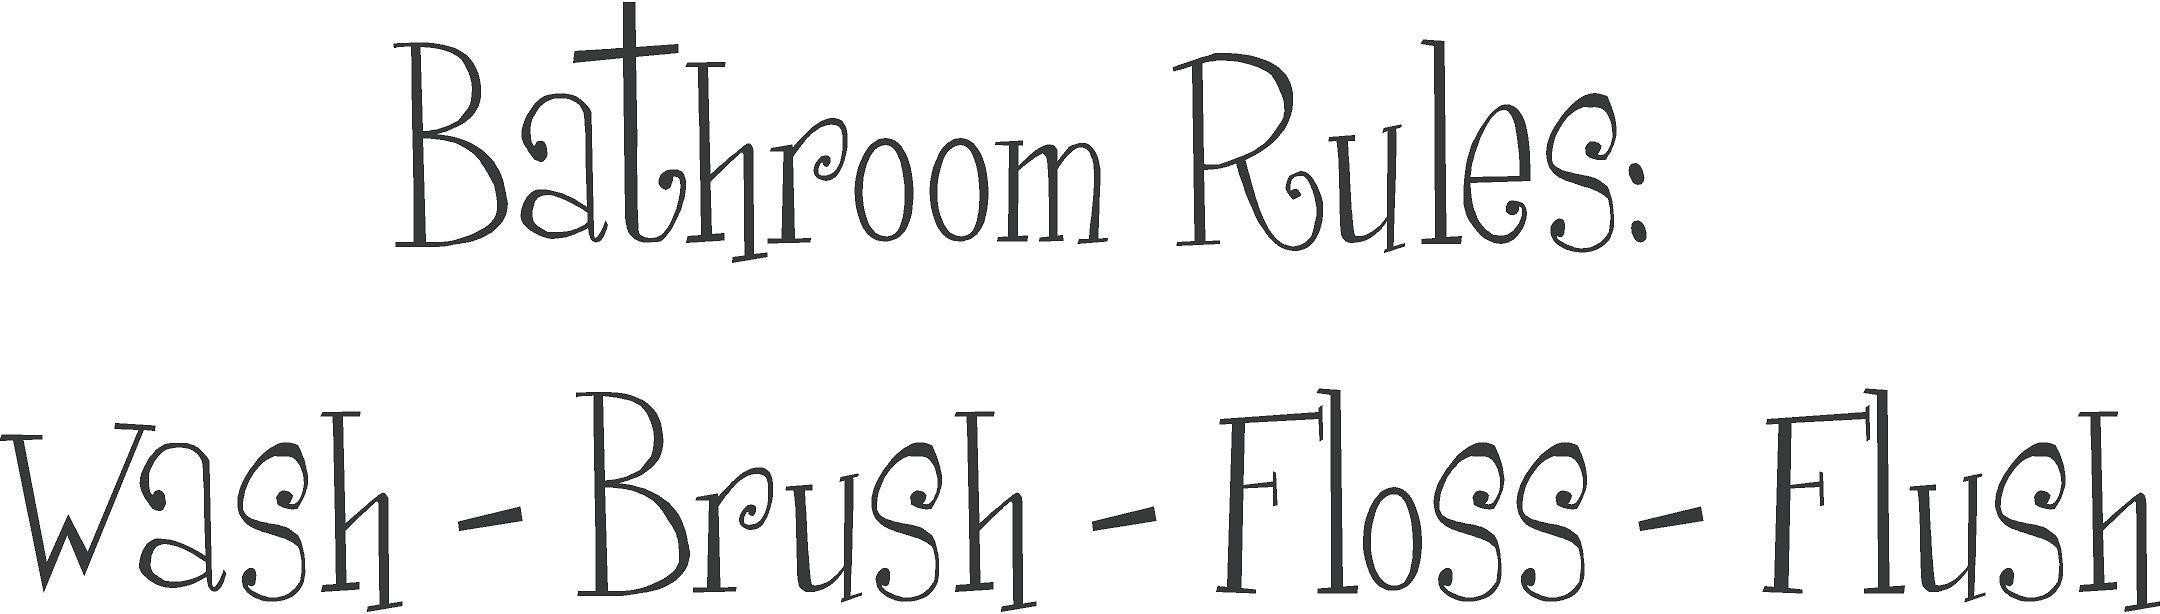 Bathroom Rules Bath Wall Decal